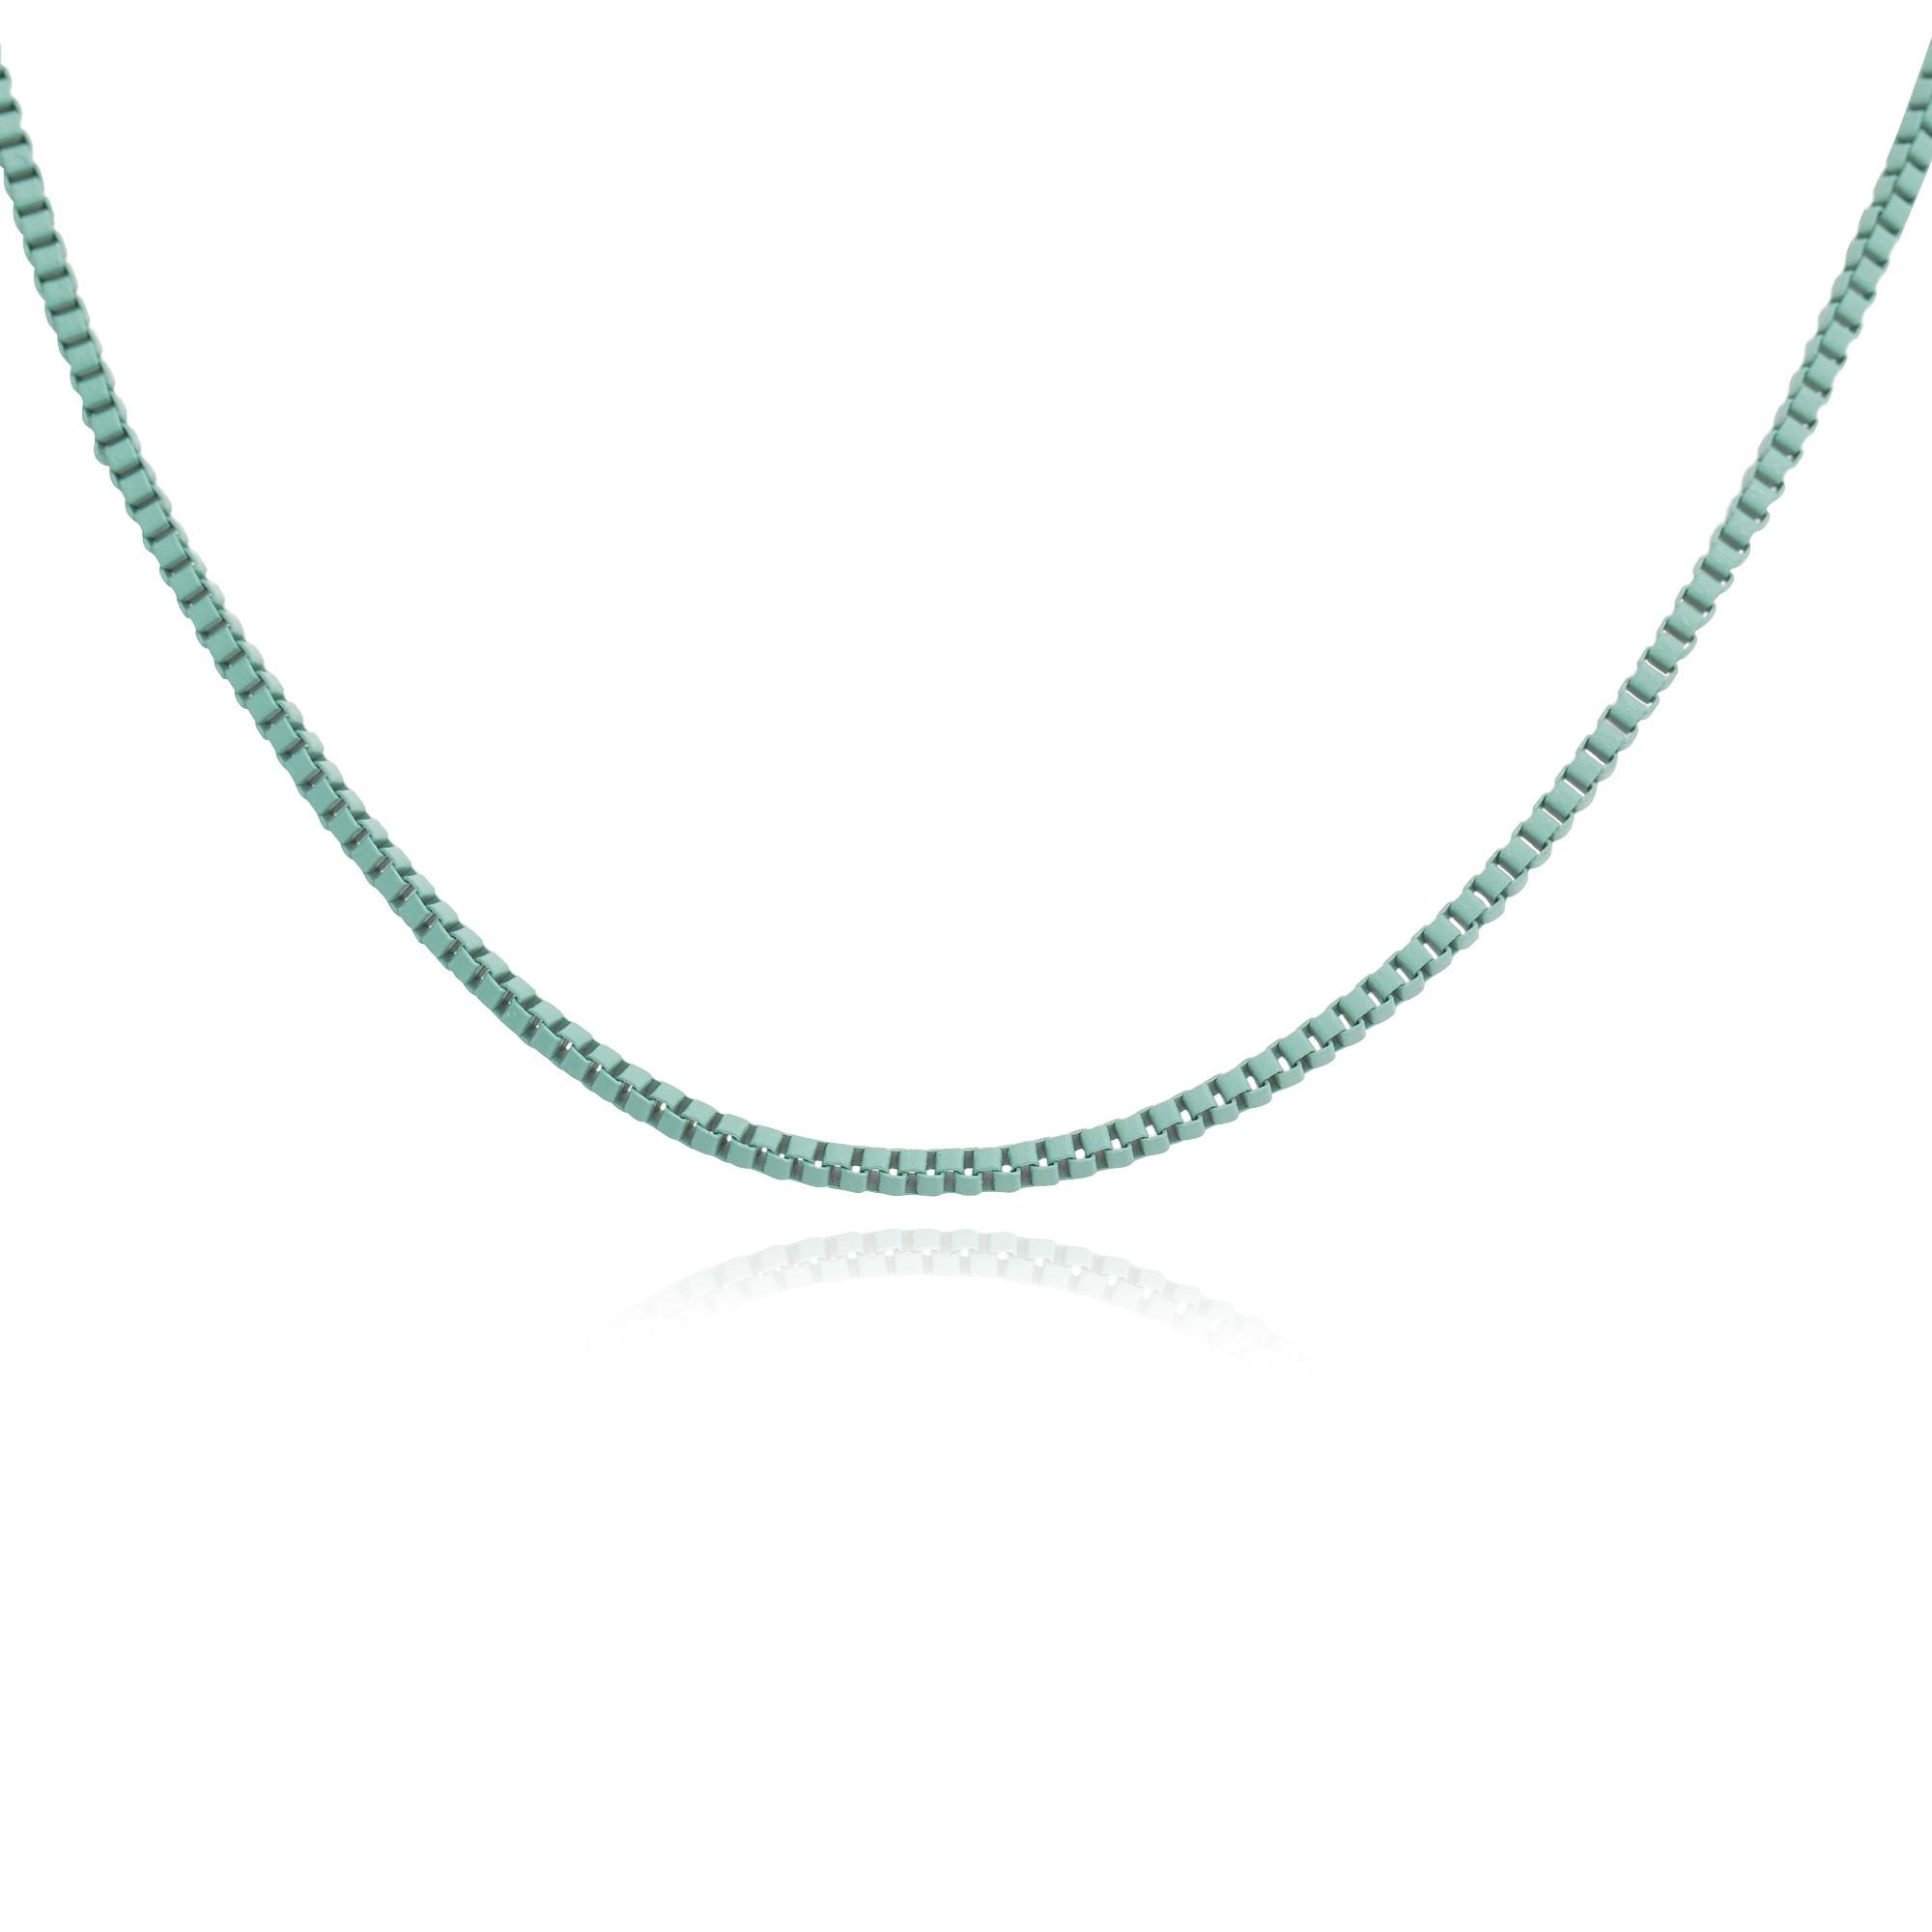 Colar veneziana na cor verde água de 45cm  - romabrazil.com.br